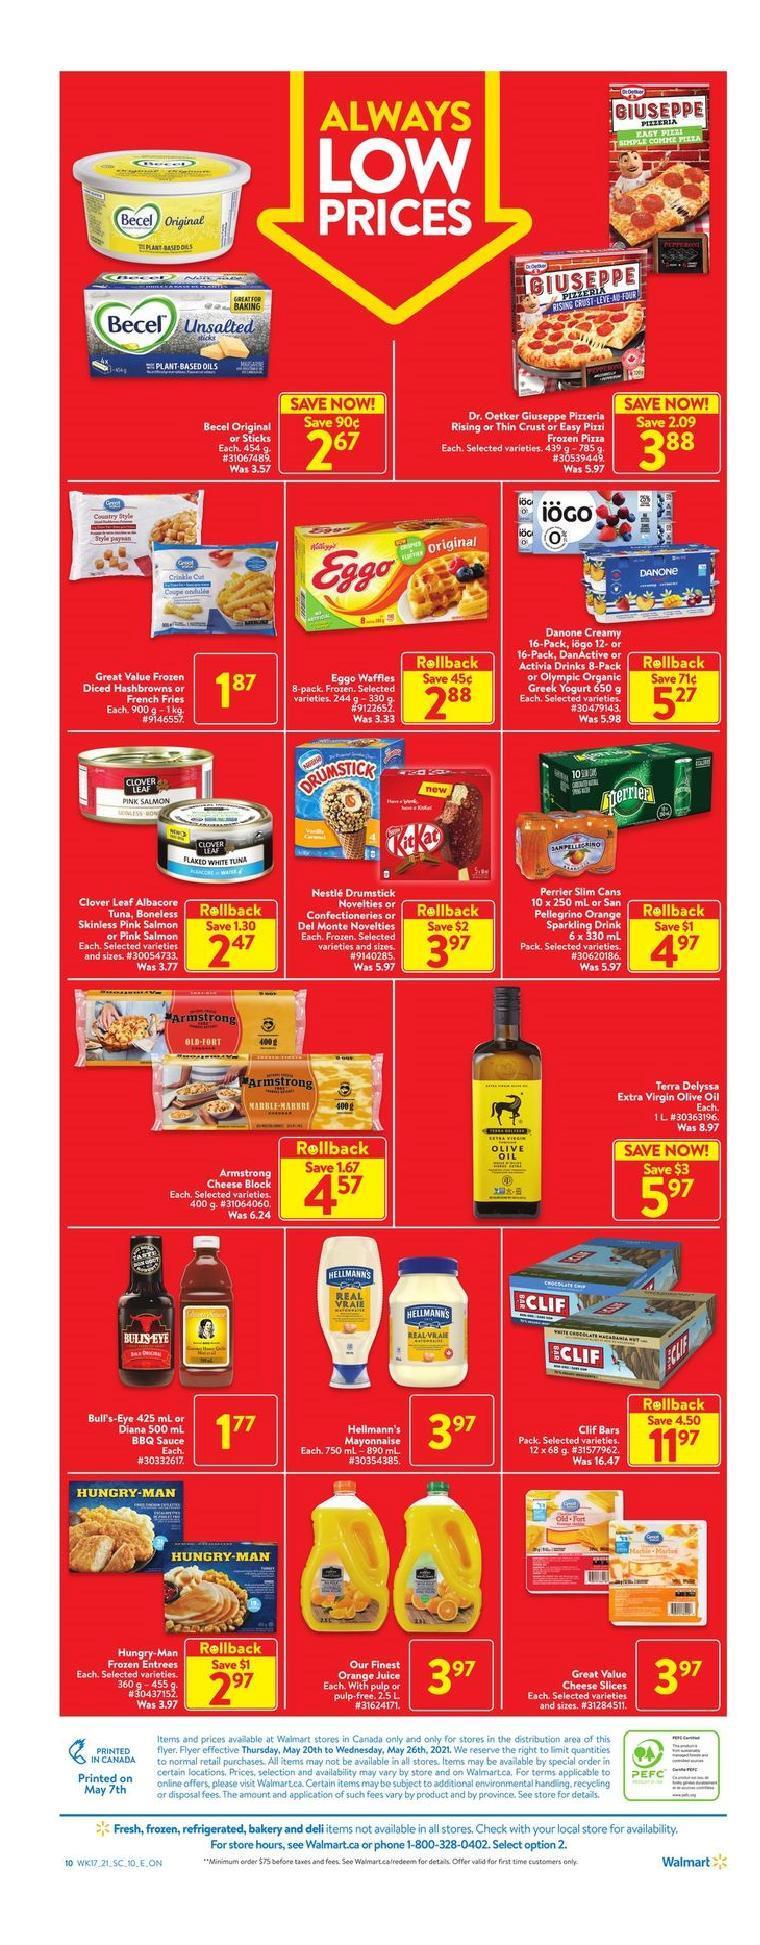 05 Walmart Supercentre Flyer May 20 May 26 2021